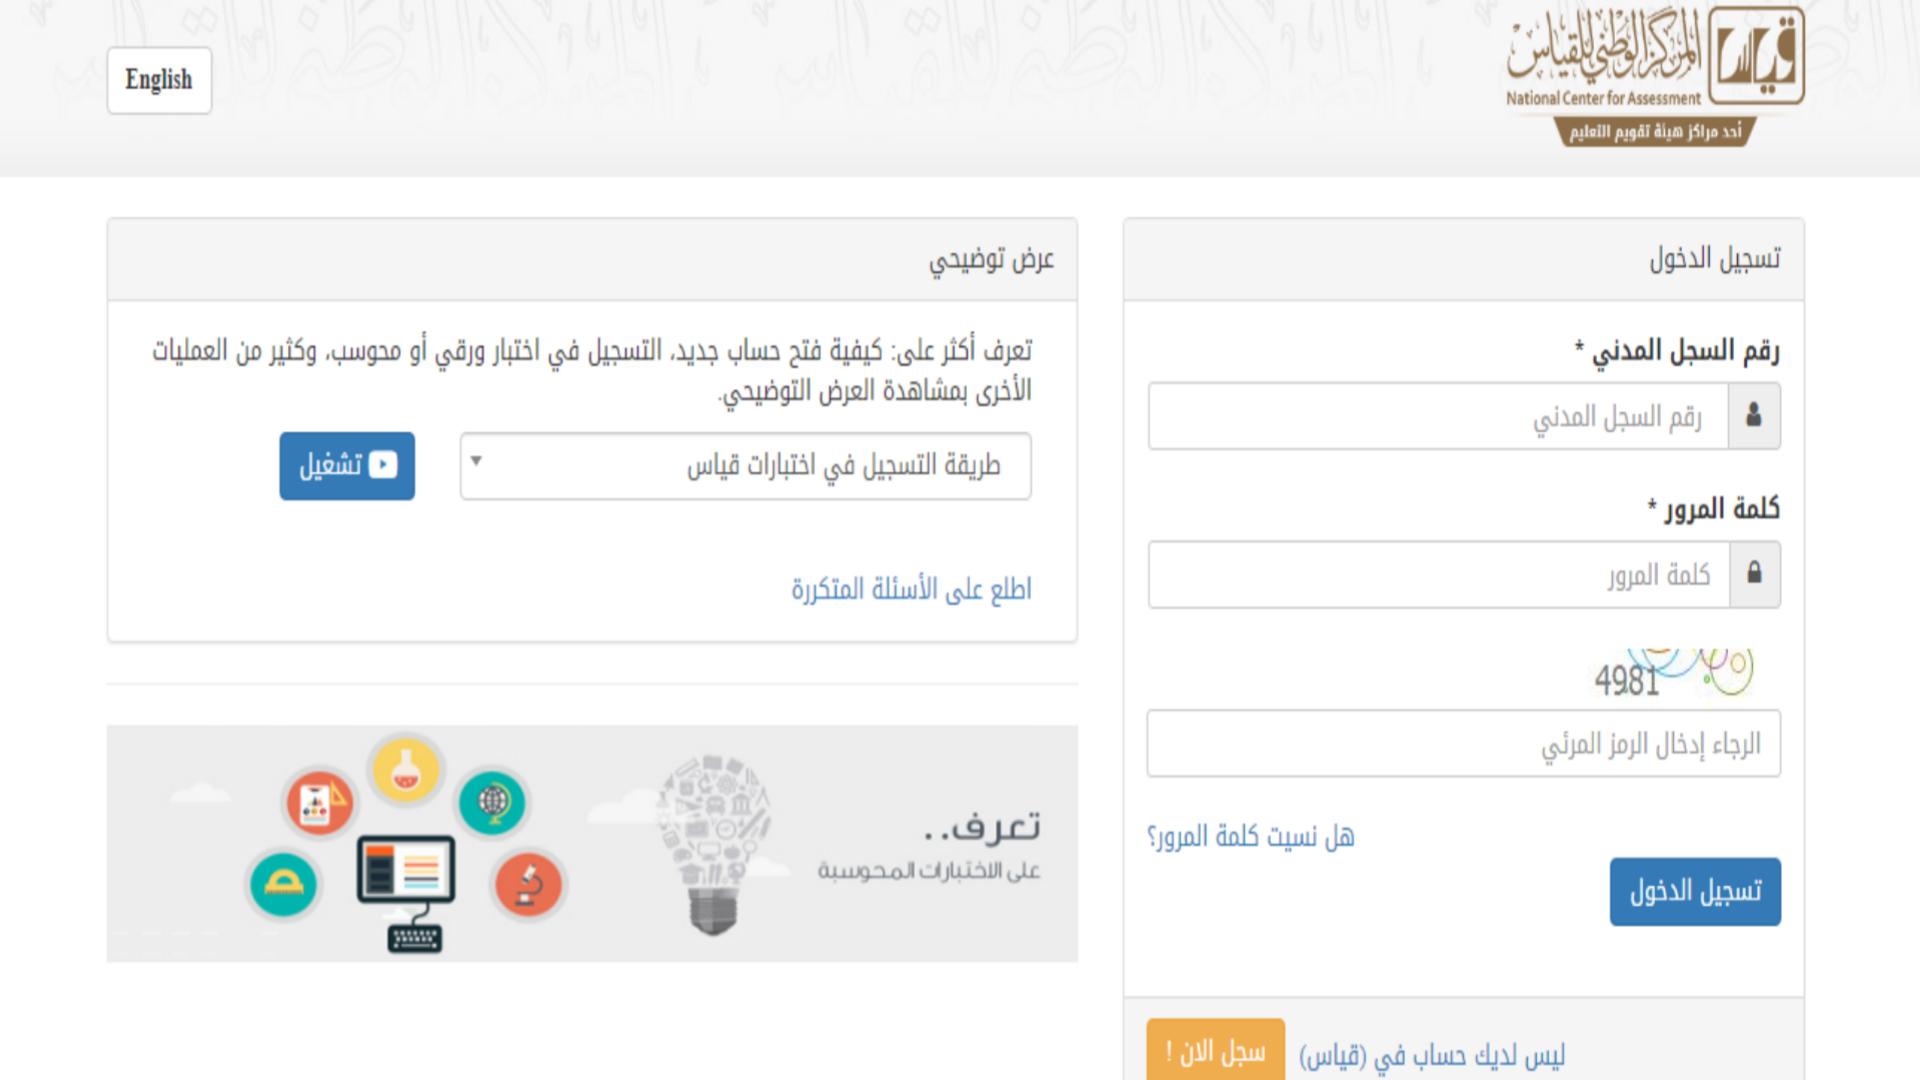 الموقع الرسمي لمركز قياس ينشر رابط نتائج ختبارات القدرة المعرفية في المملكة العربية السعودية